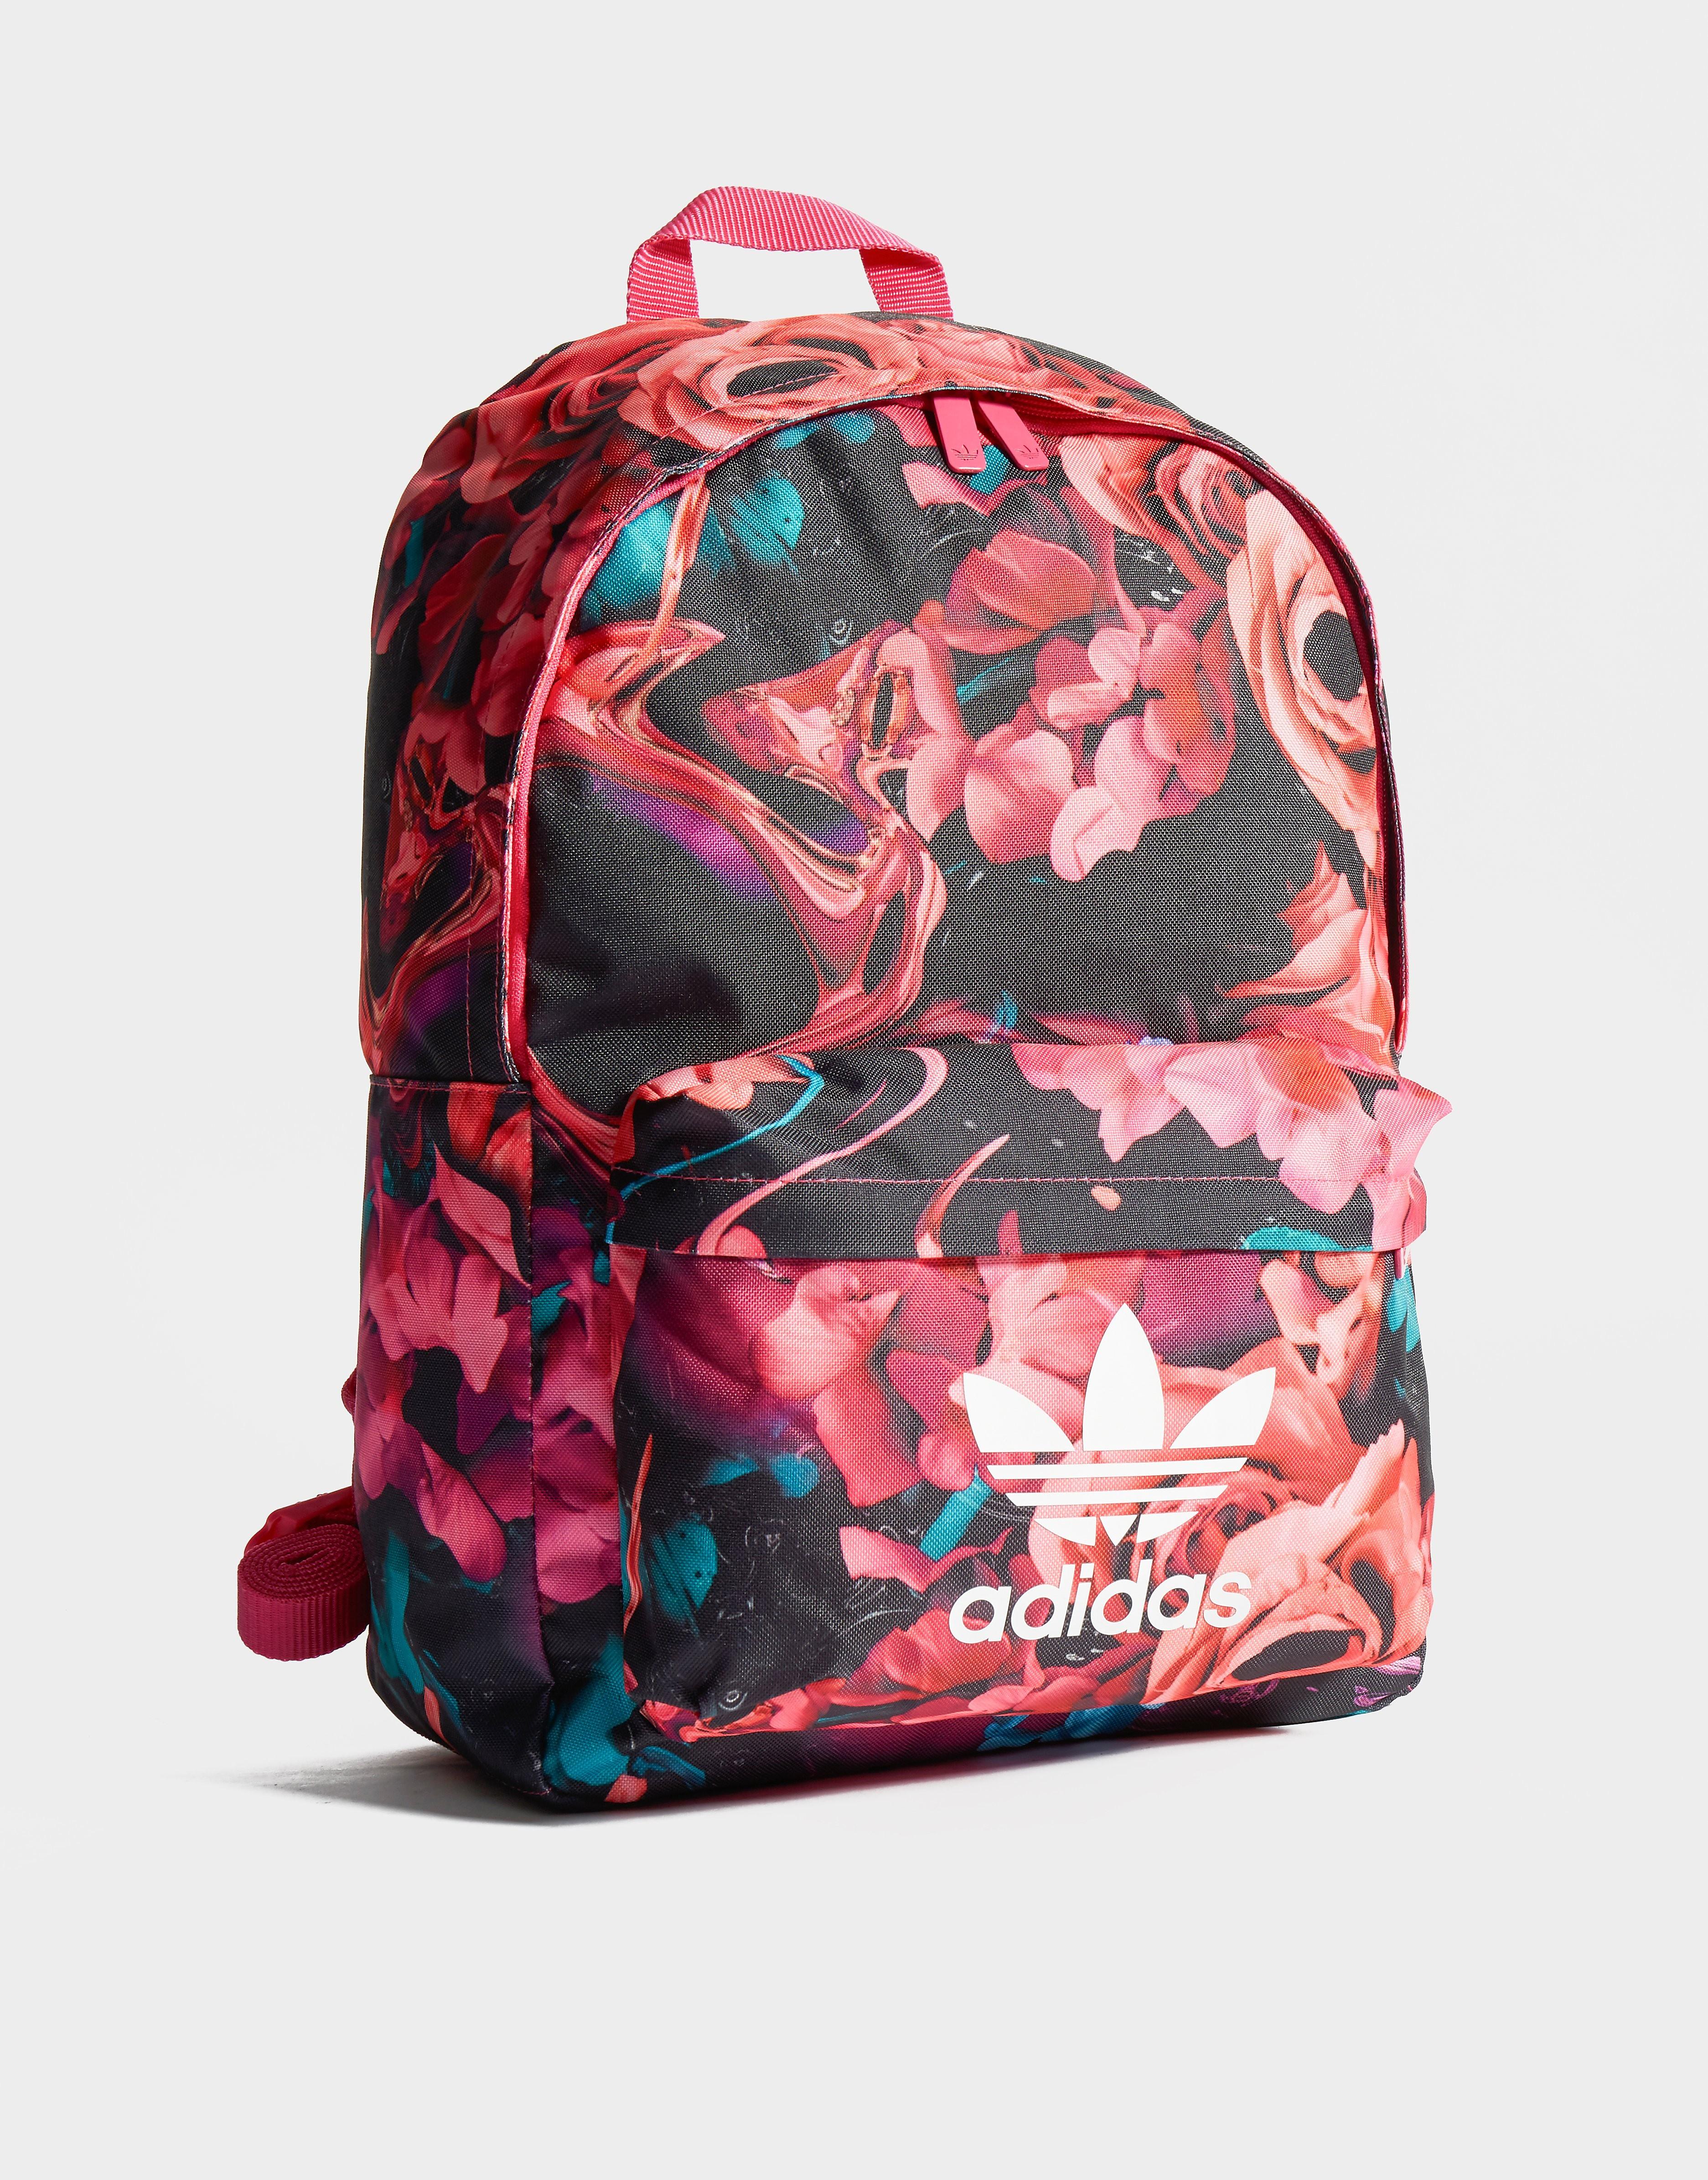 Adidas rugzak zwart en roze